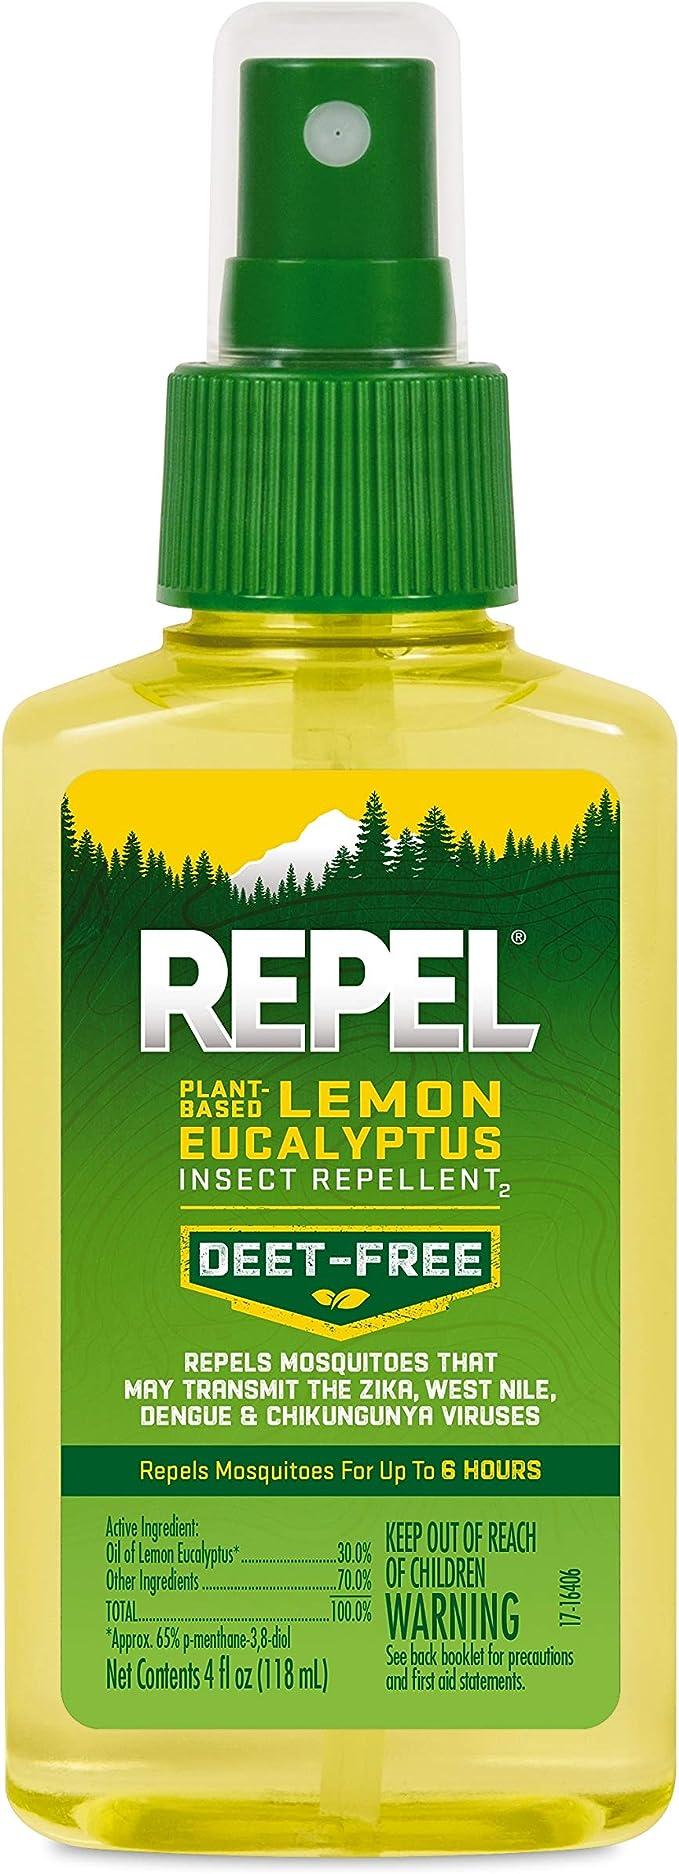 Repel 驱虫喷雾, 含天然柠檬桉,四星好评,销量第一